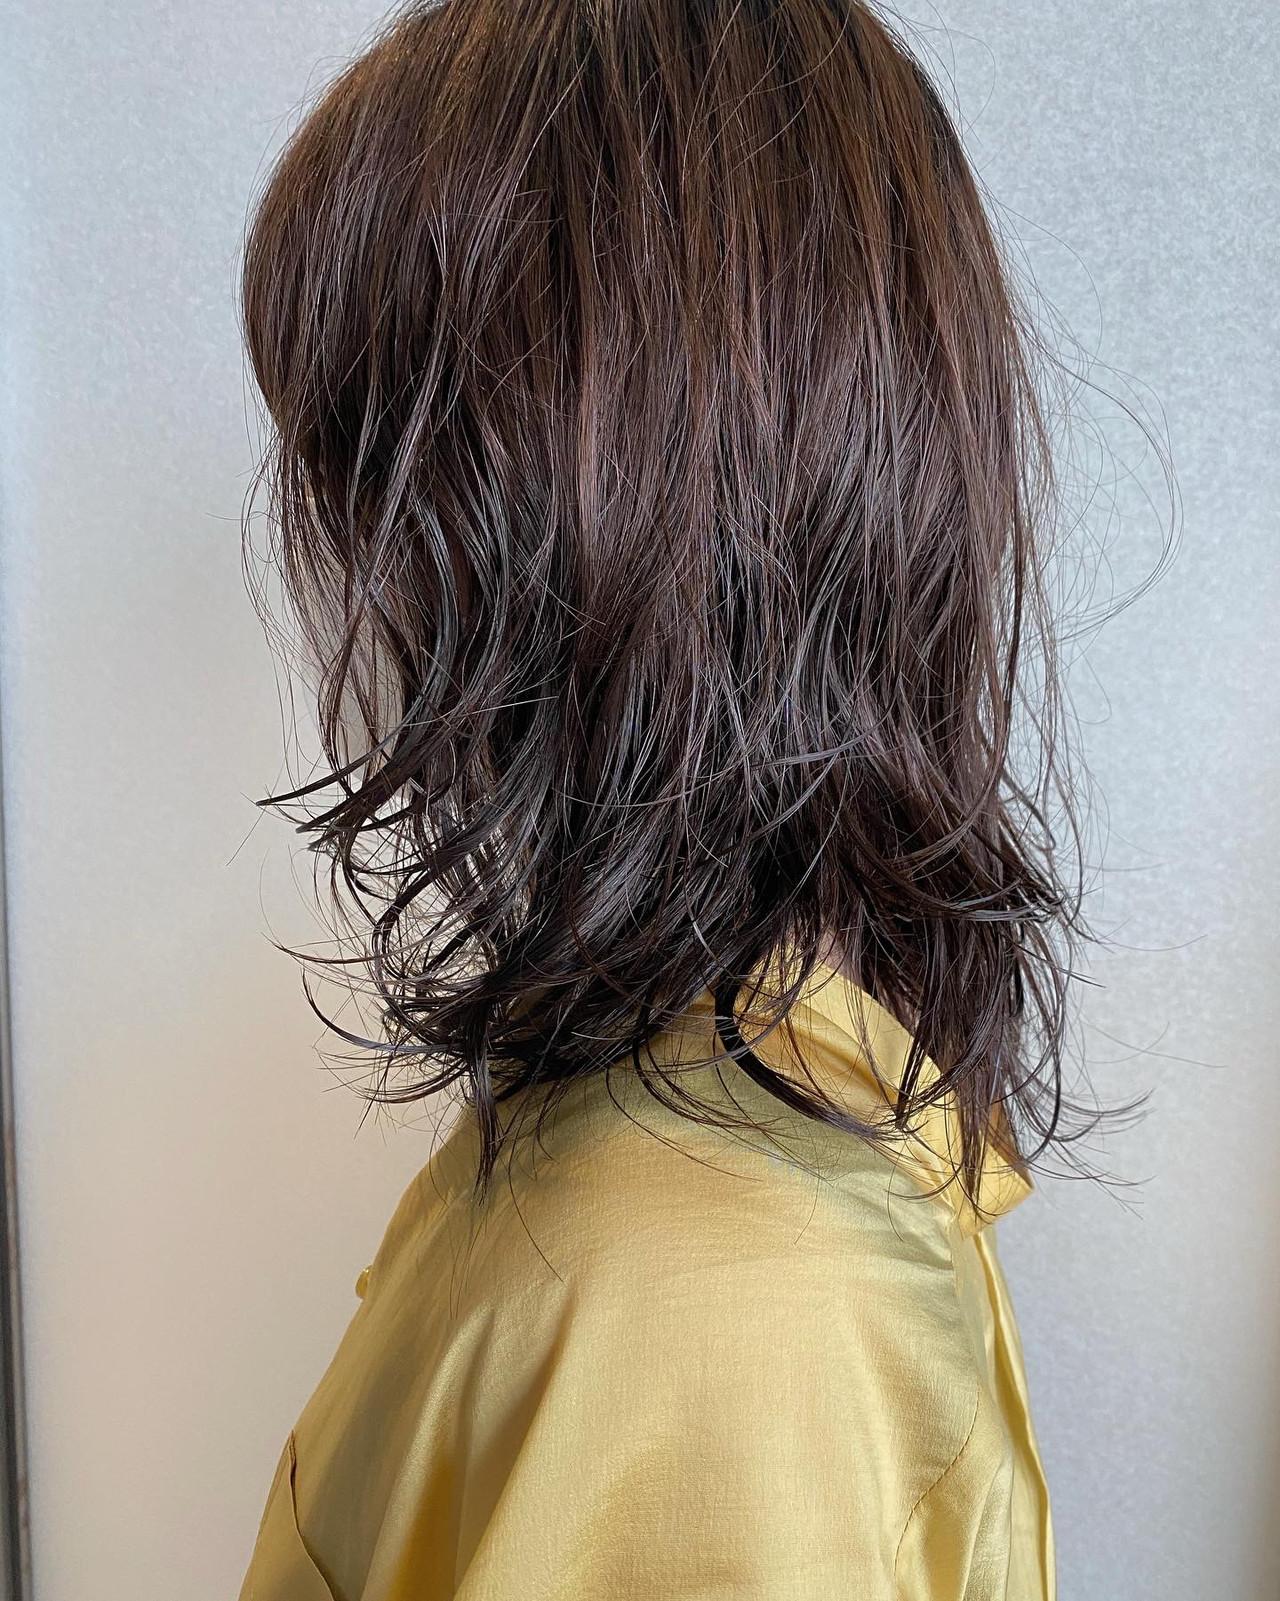 ゆるふわパーマ ナチュラル デジタルパーマ パーマ ヘアスタイルや髪型の写真・画像